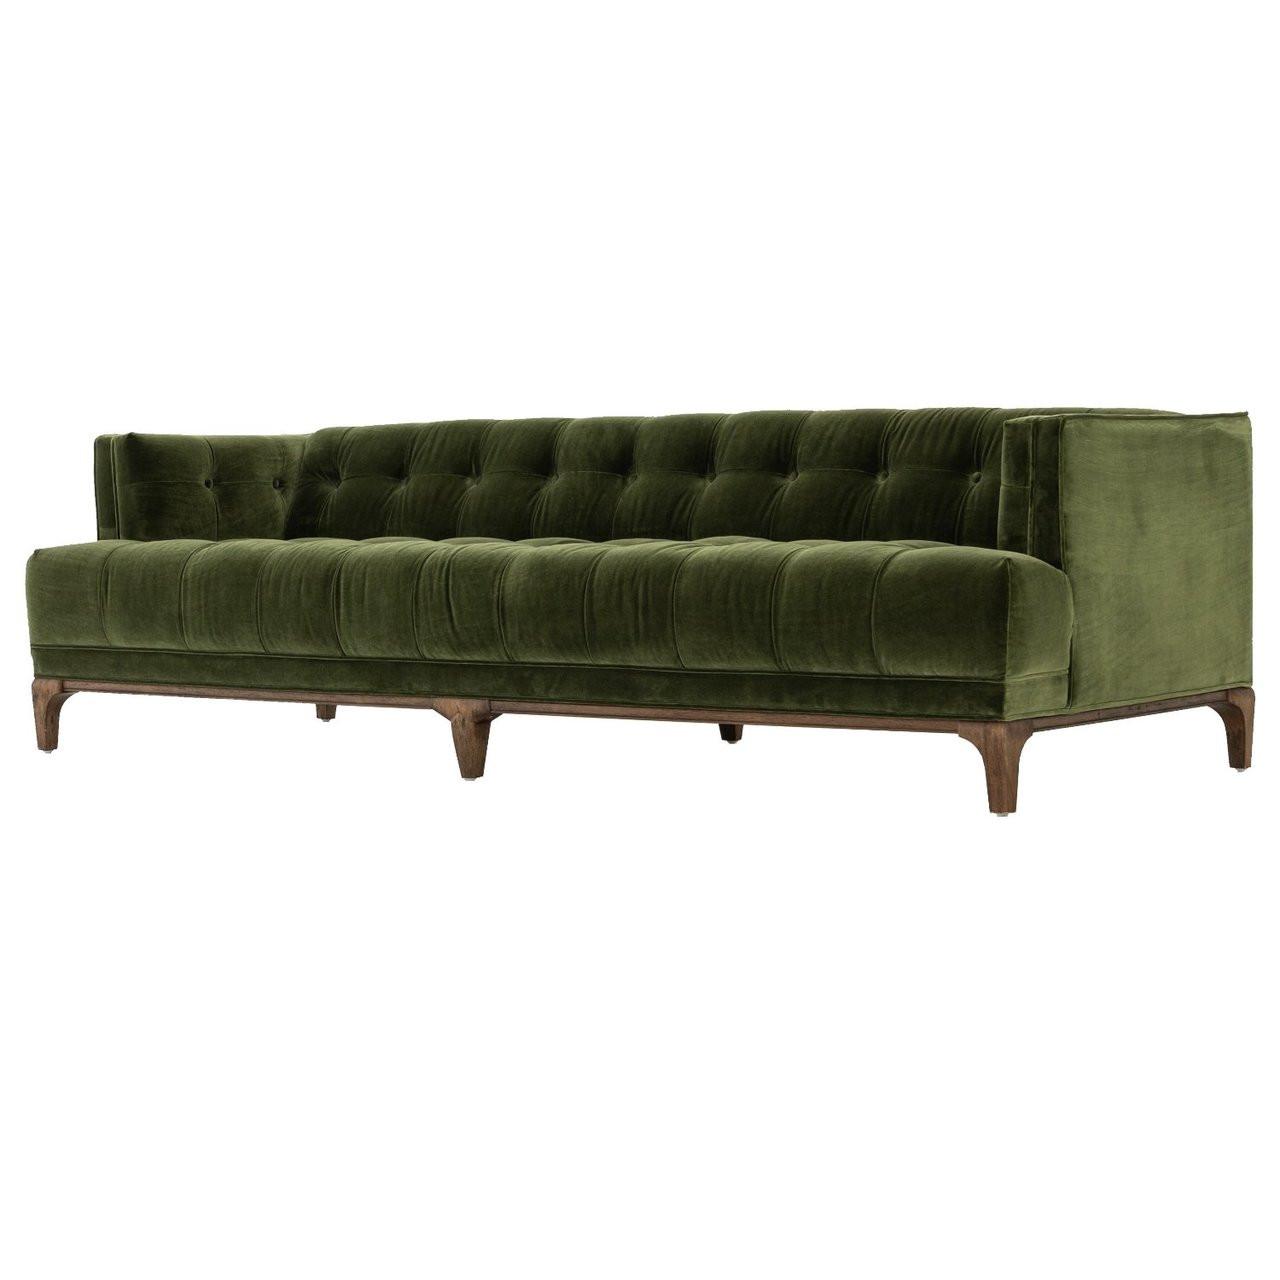 Dylan mid century modern olive green velvet tufted sofa